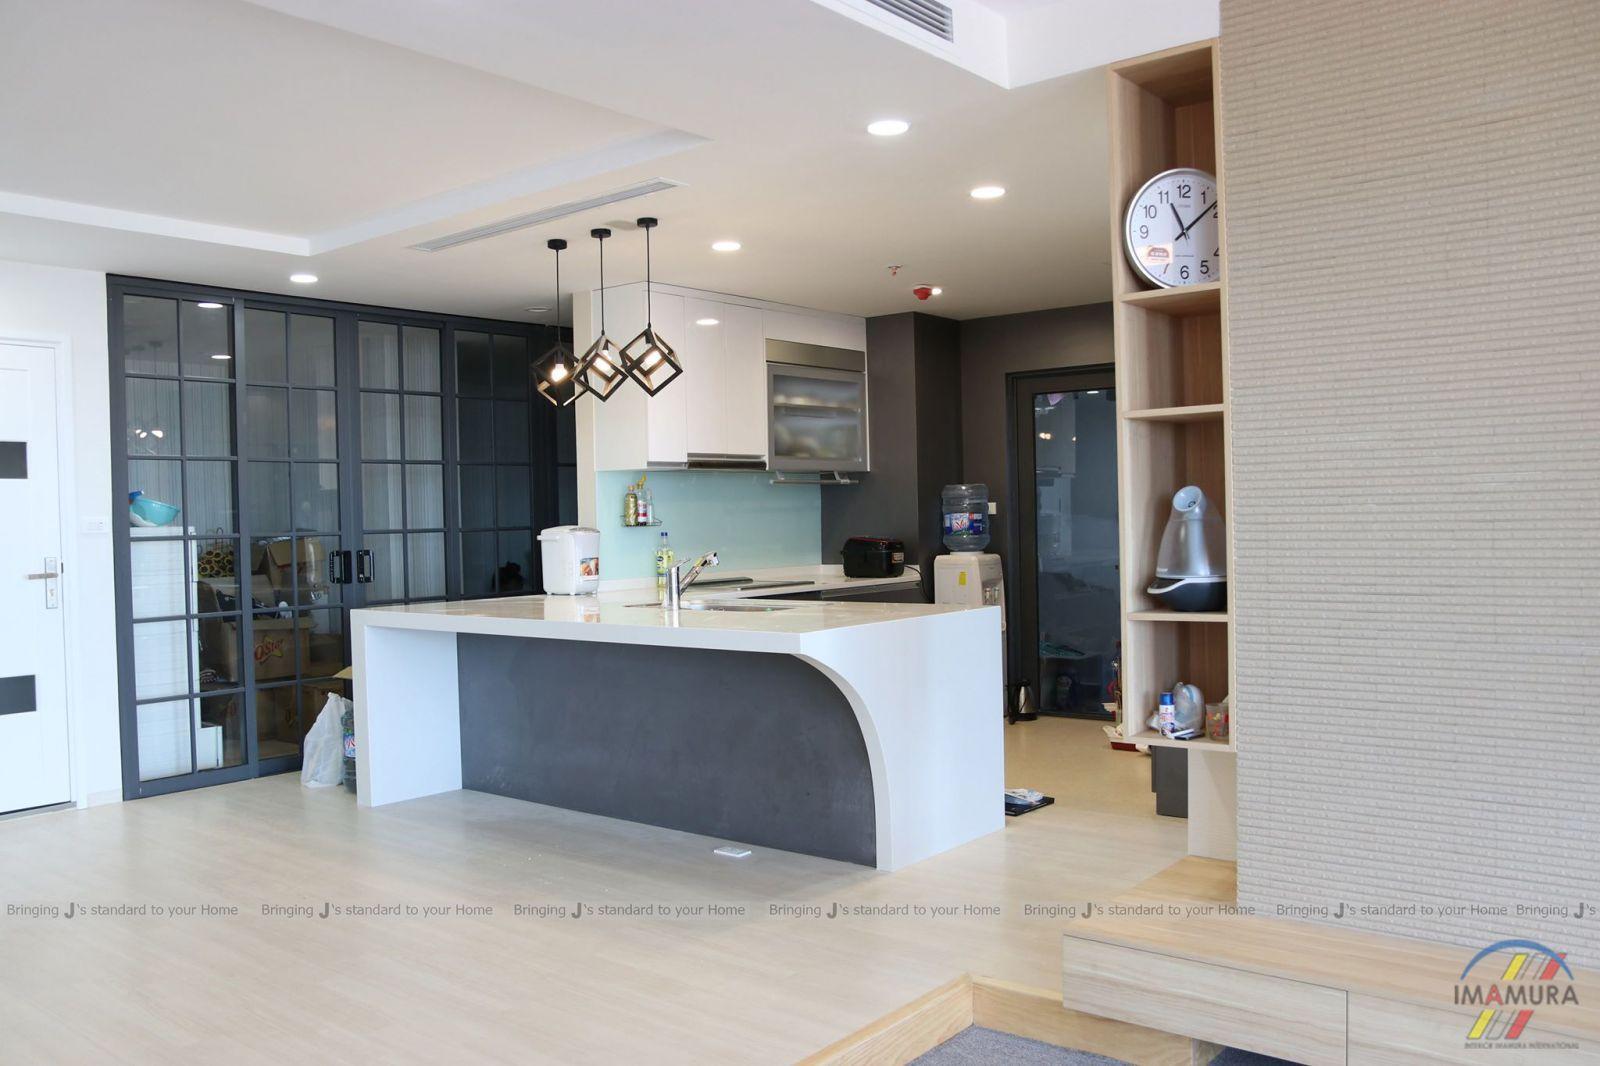 Hệ thống nâng sàn sử dụng đệm cao su, sàn nâng 15cm, ngăn phòng khách và bếp